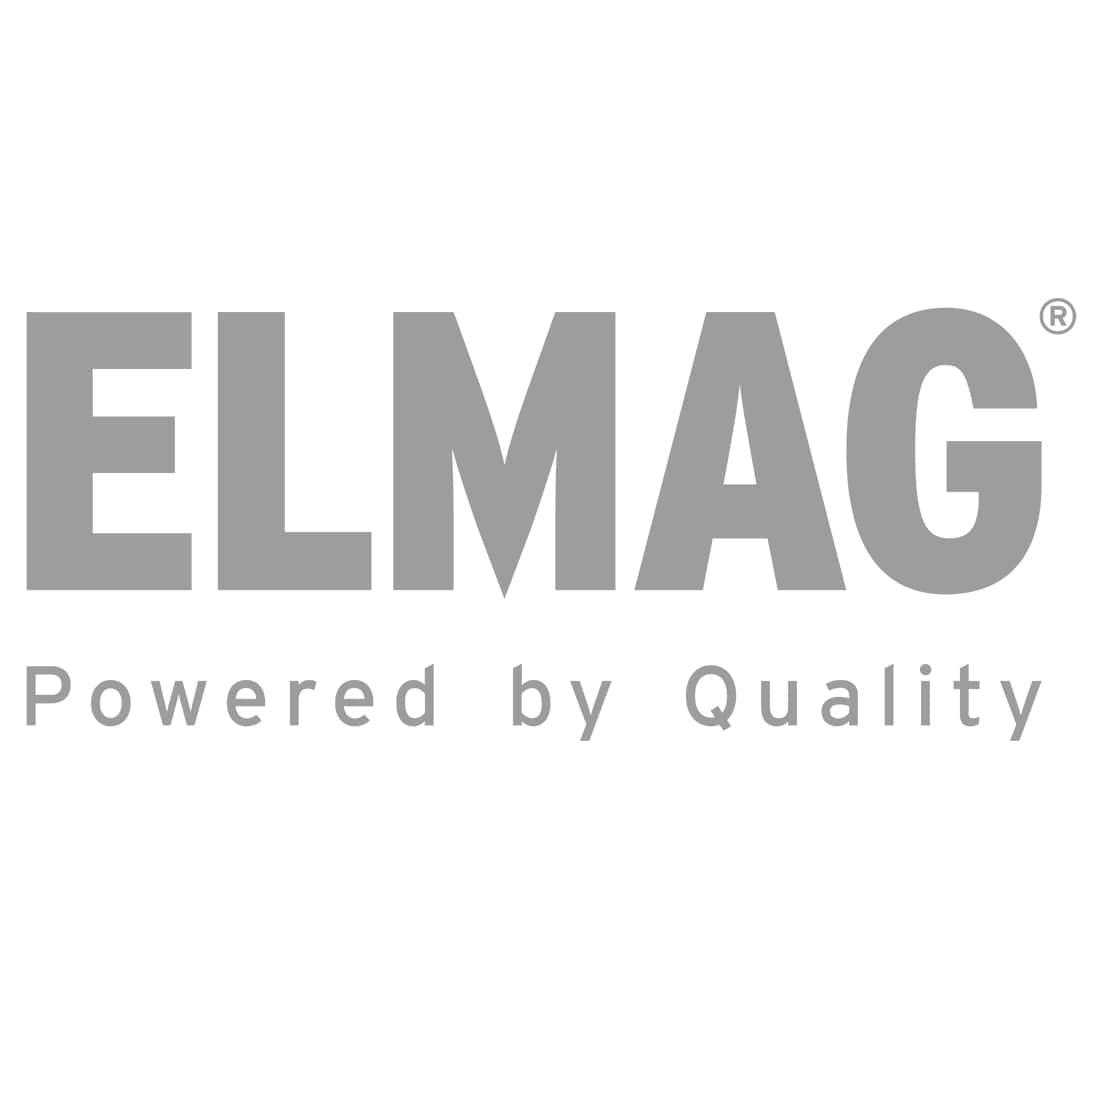 Universal-Drehmaschine INDUSTRIE 1500/250 HDinkl. 3-Achs-Positionsanzeige 'SINO'Betriebsbereit: inkl. Ölfüllung, entkonserviert (entfettet), komplett montiert und Probelauf durchgeführt